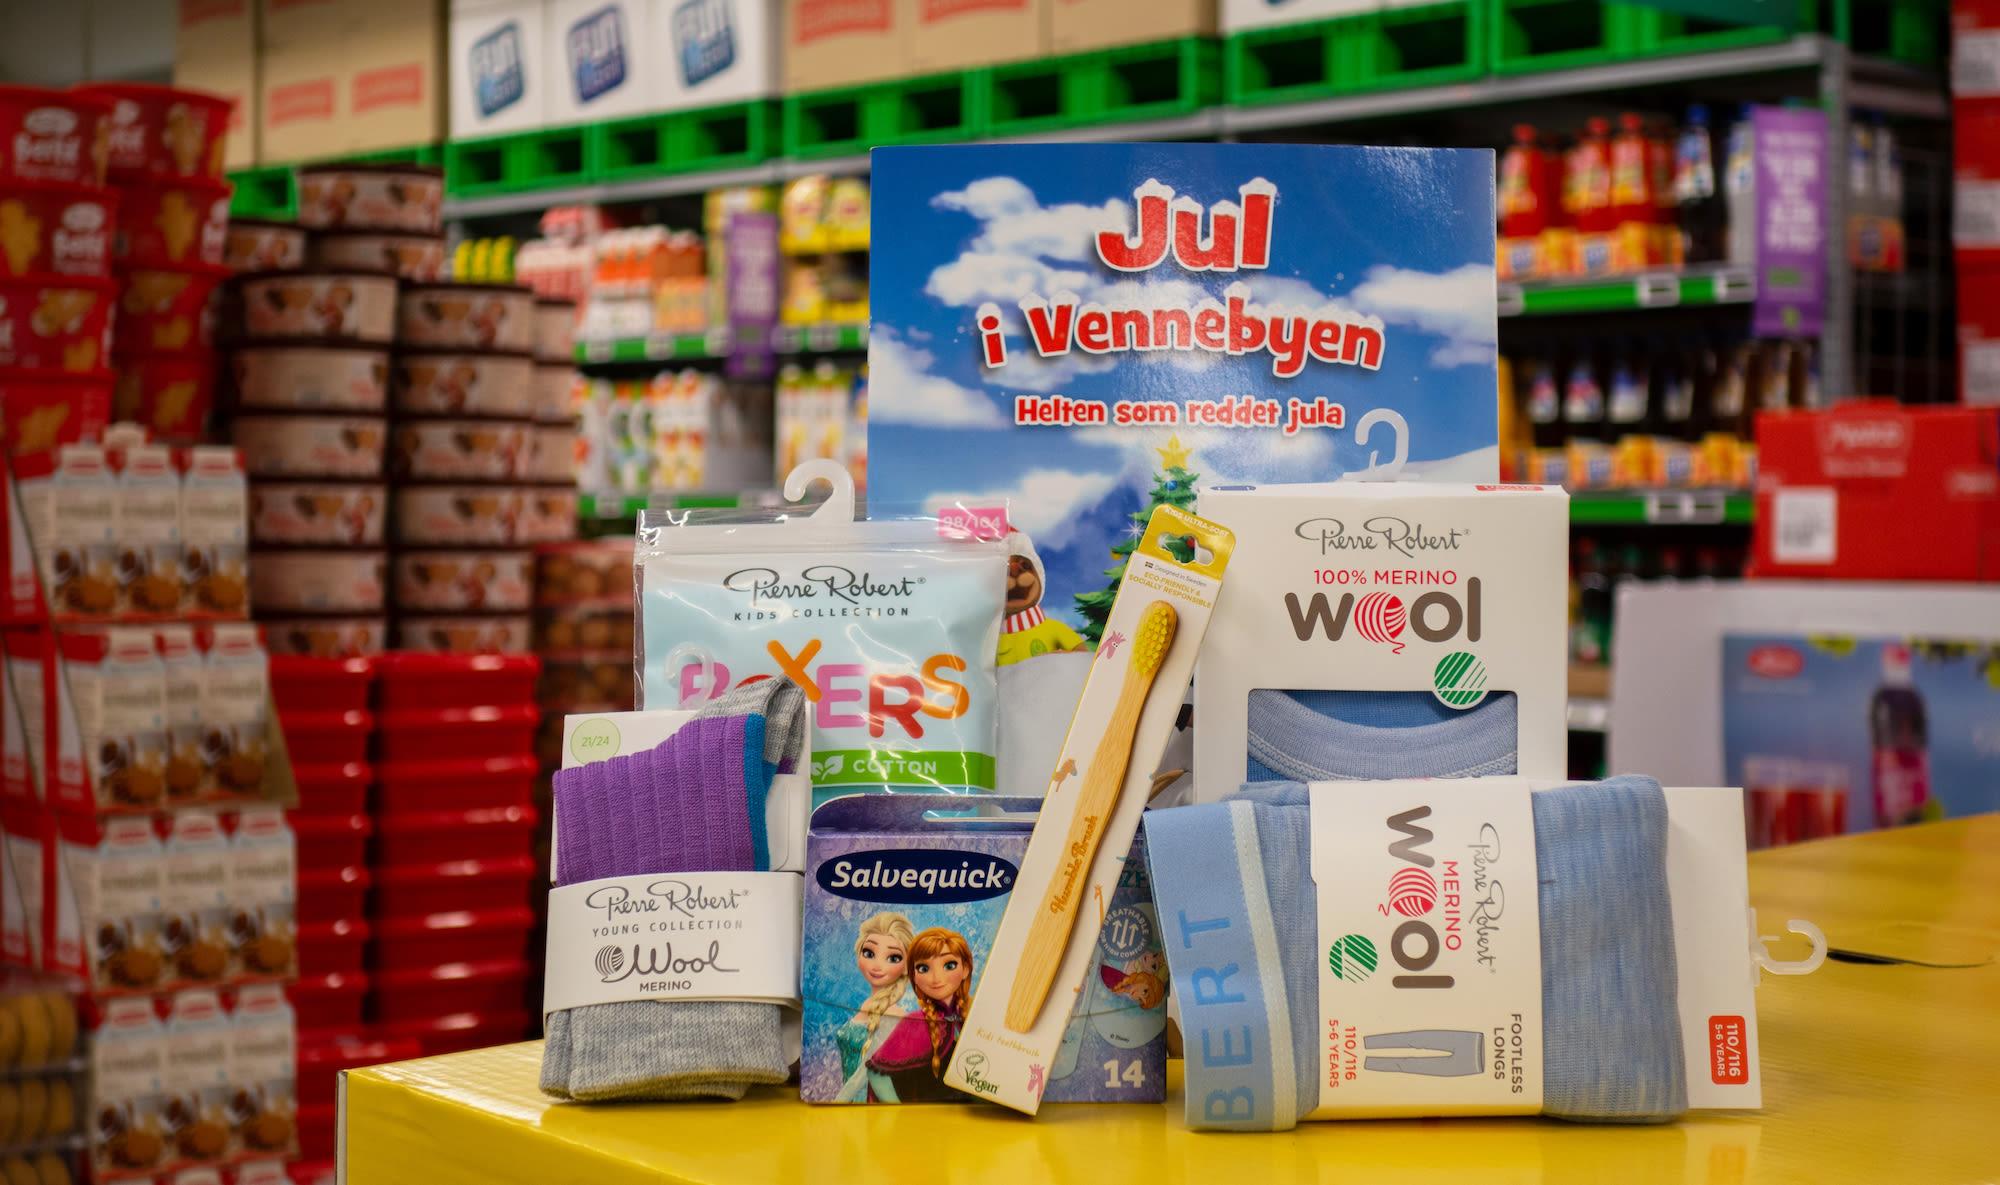 JULEGAVEN TIL BARN: Hos KIWI kan du kjøpe både praktisk ulltøy, underholdning og nyttige produkter tilpasset barn.